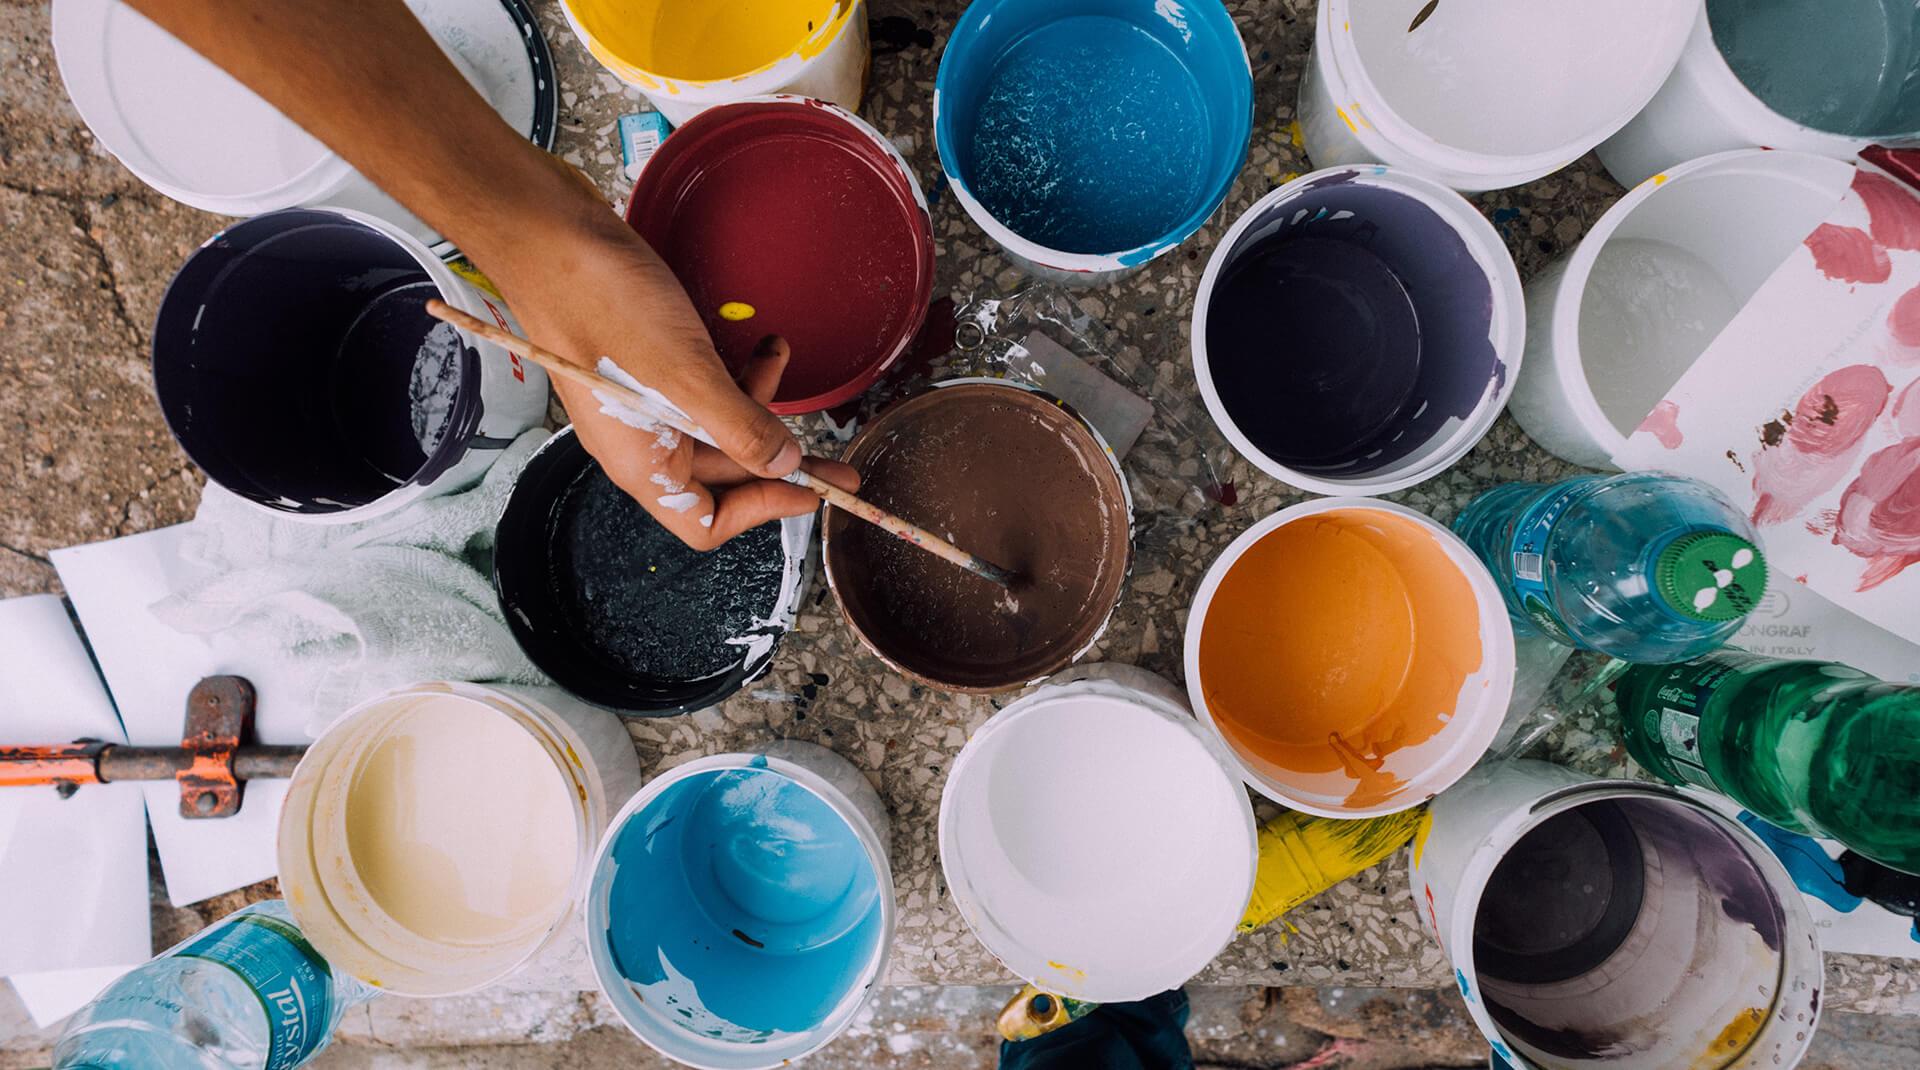 Почему цвет года – это важно (или нет), и как использовать его в бизнесе